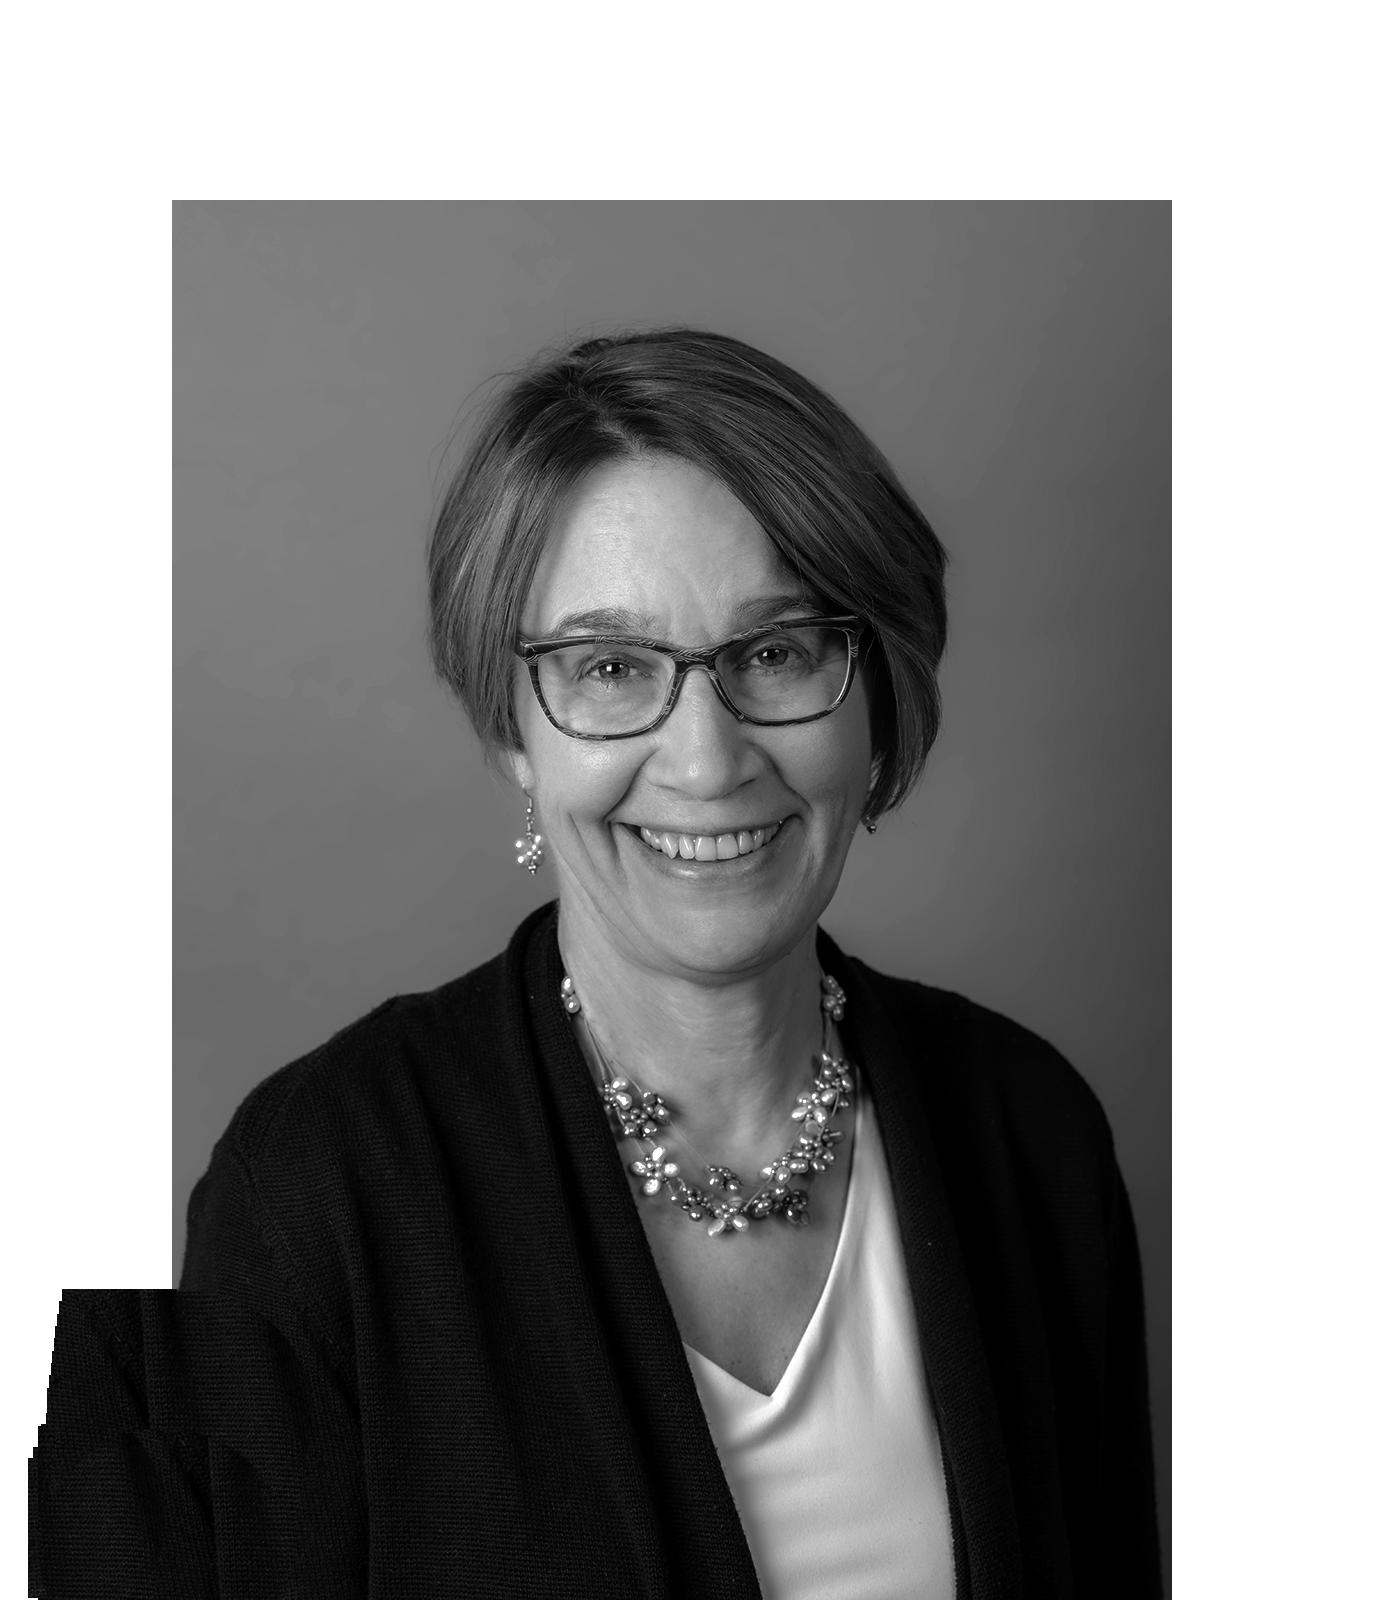 Dr. Catherine Cervin